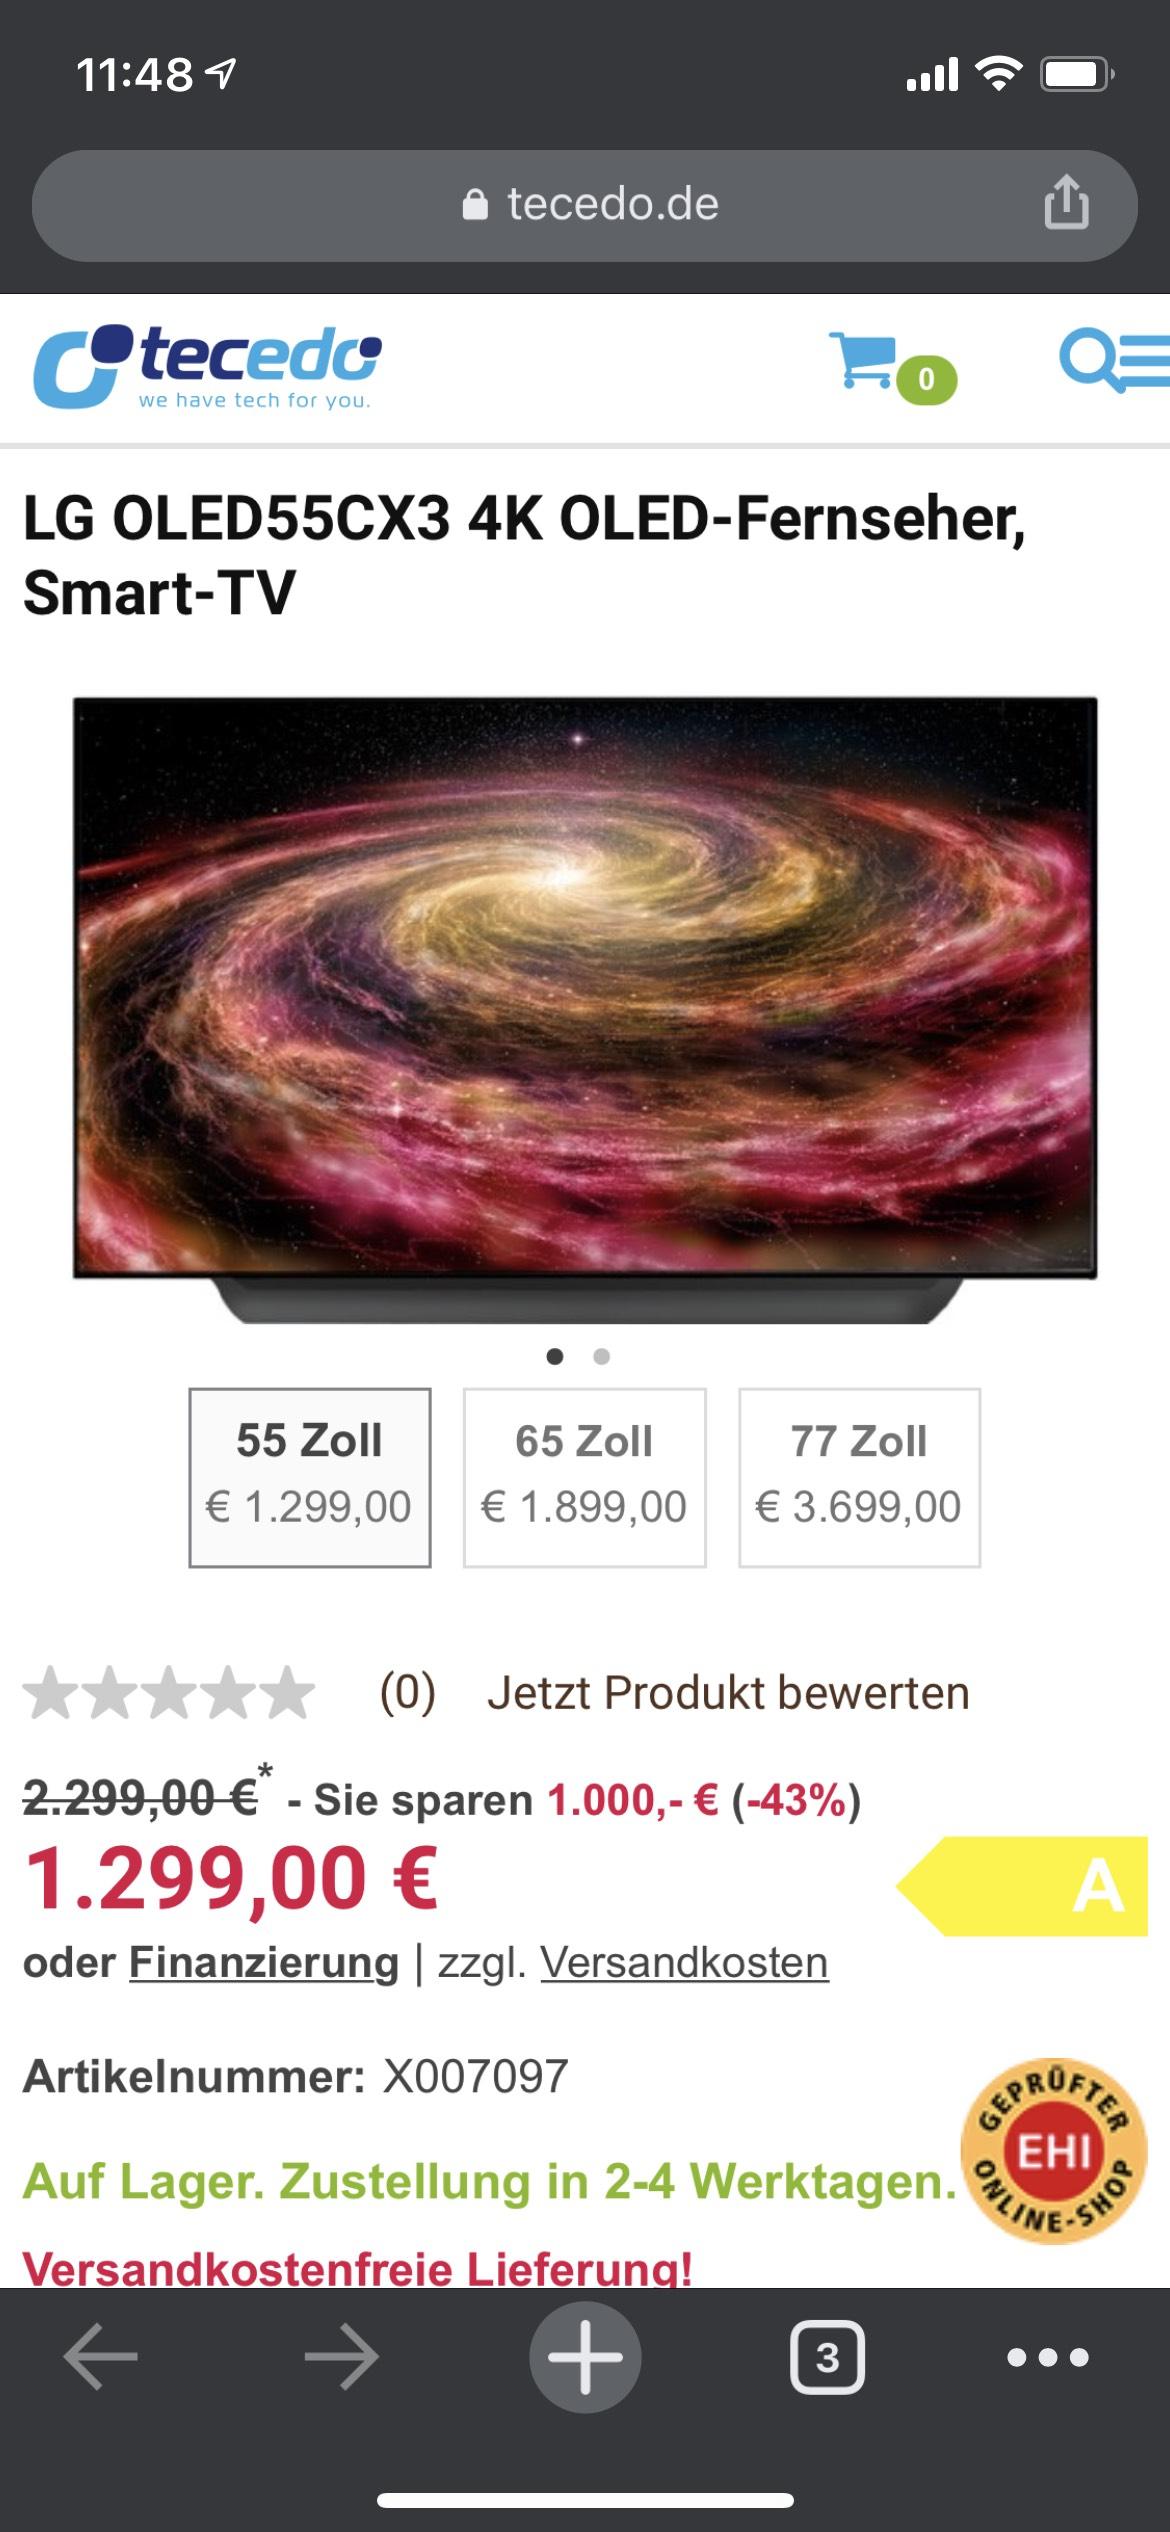 LG OLED 55CX3